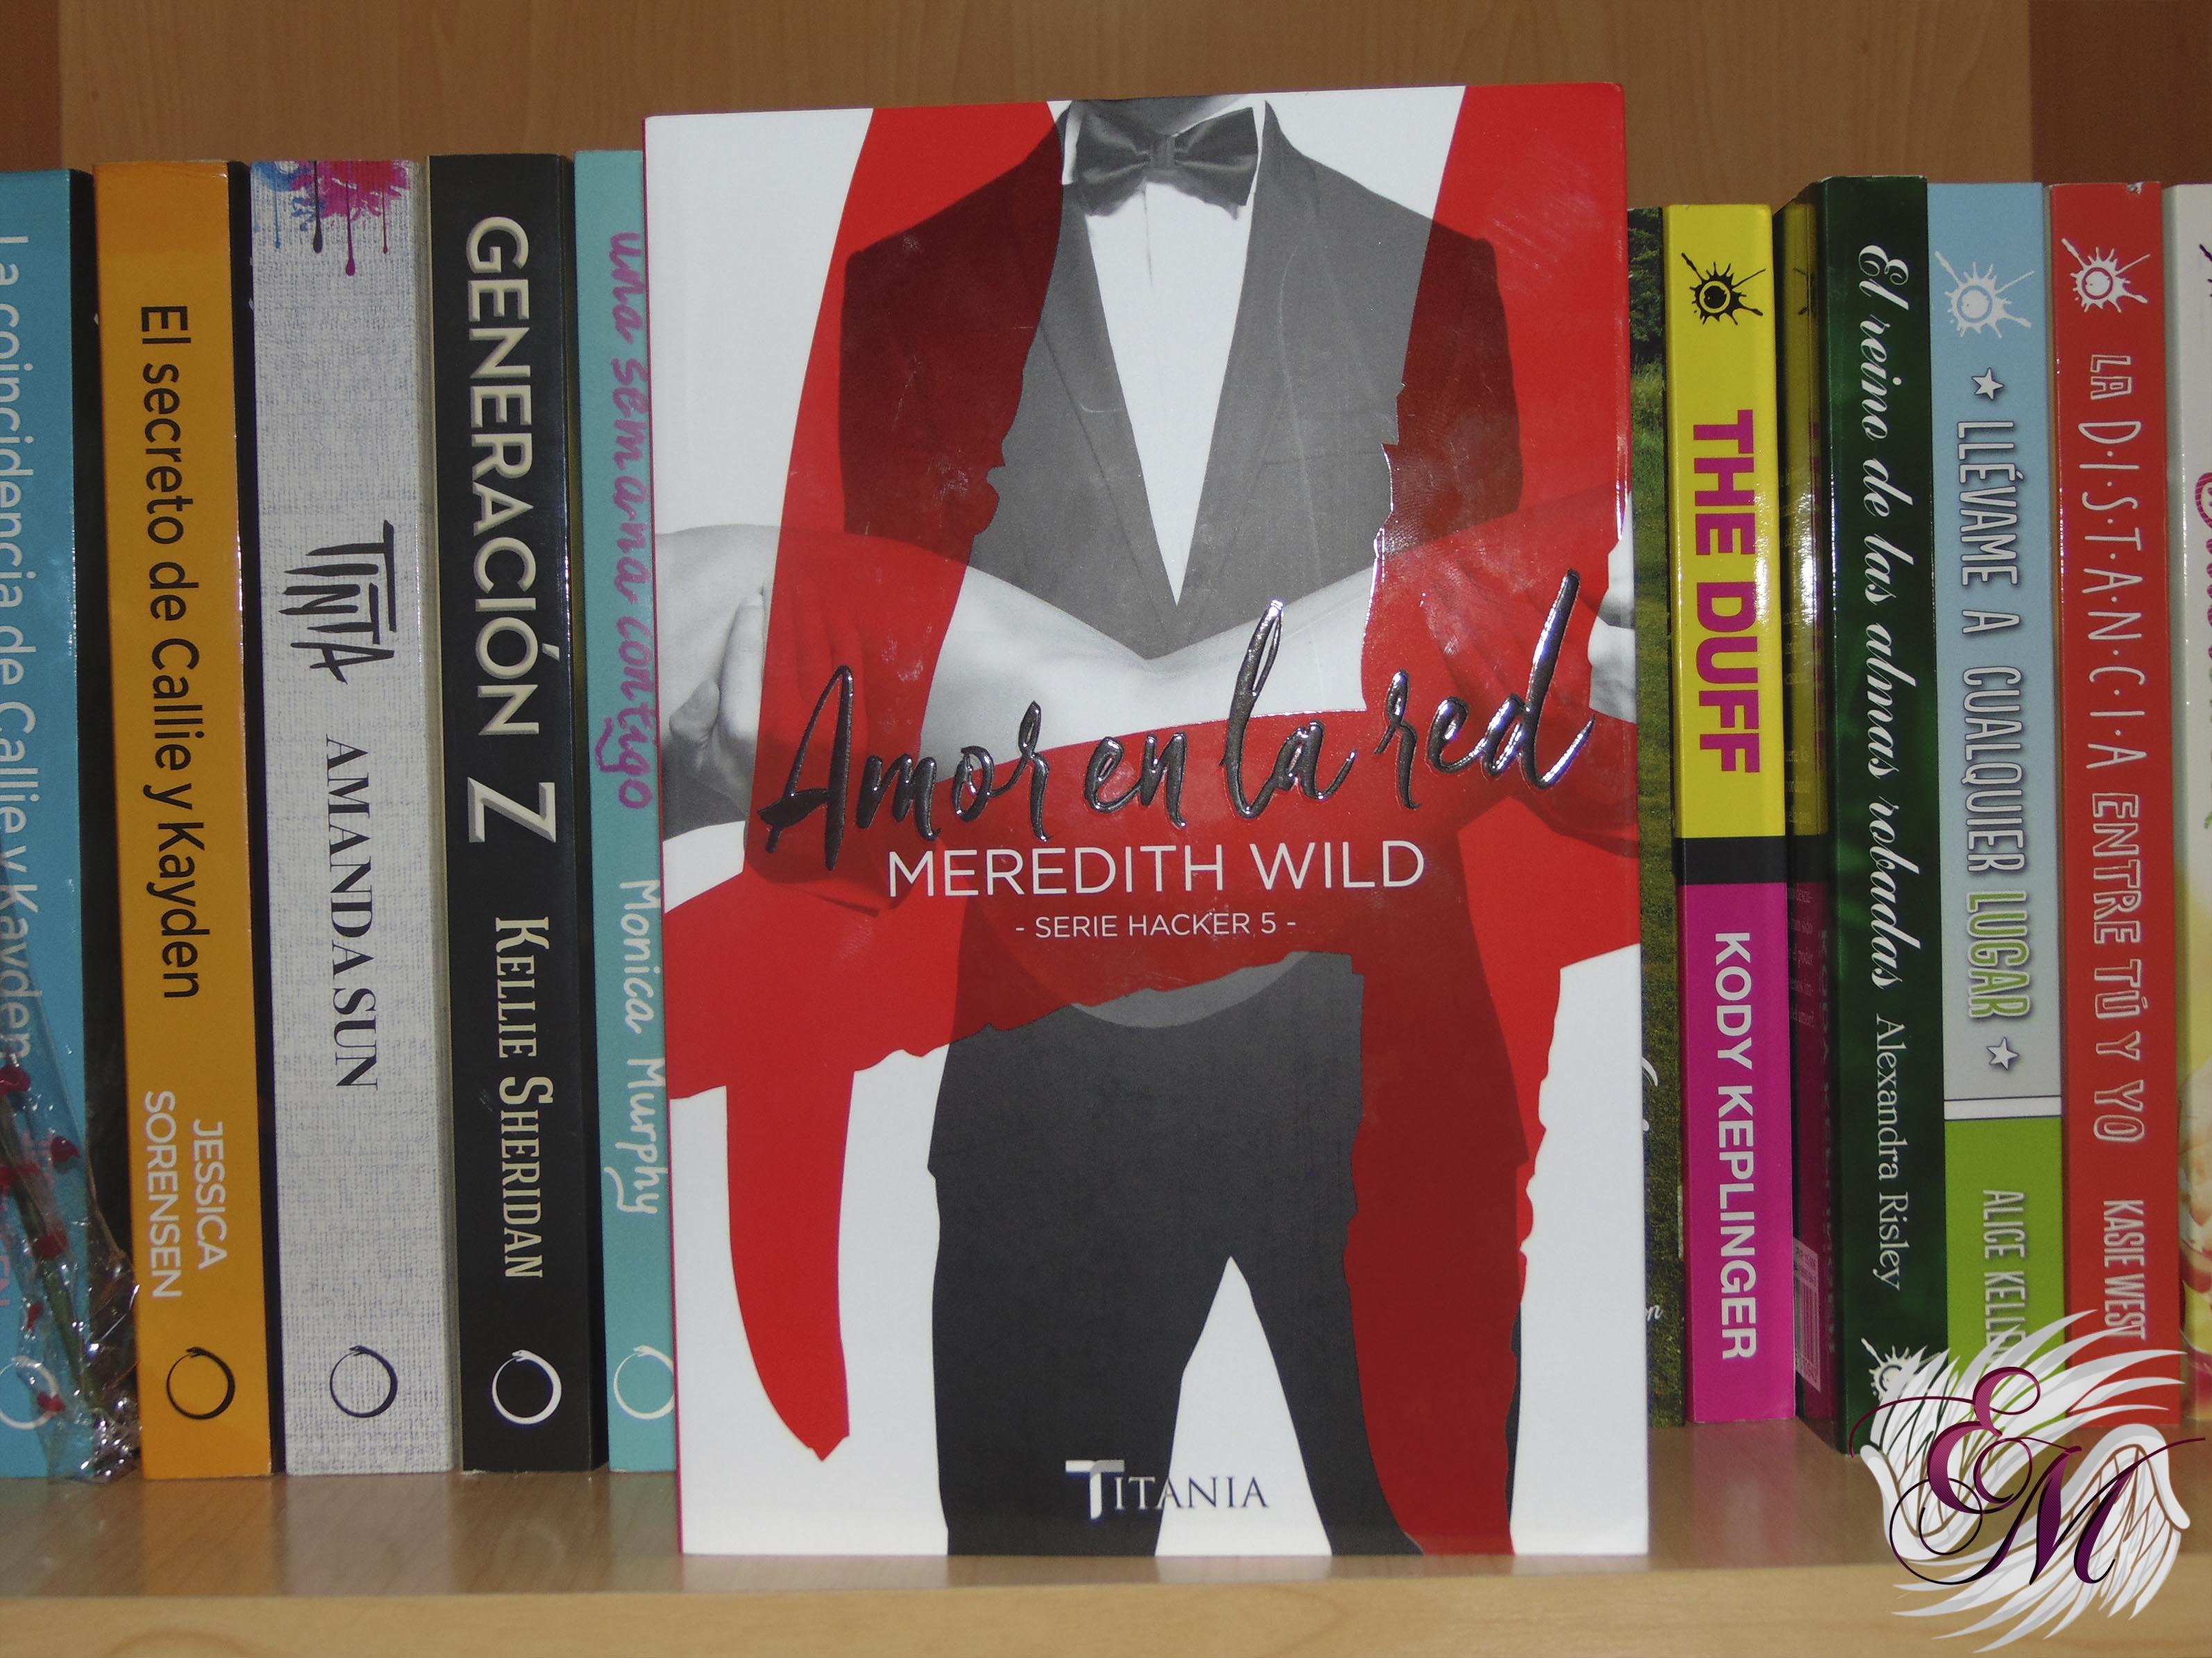 Amor en la red de Meredith wIld - Reseña